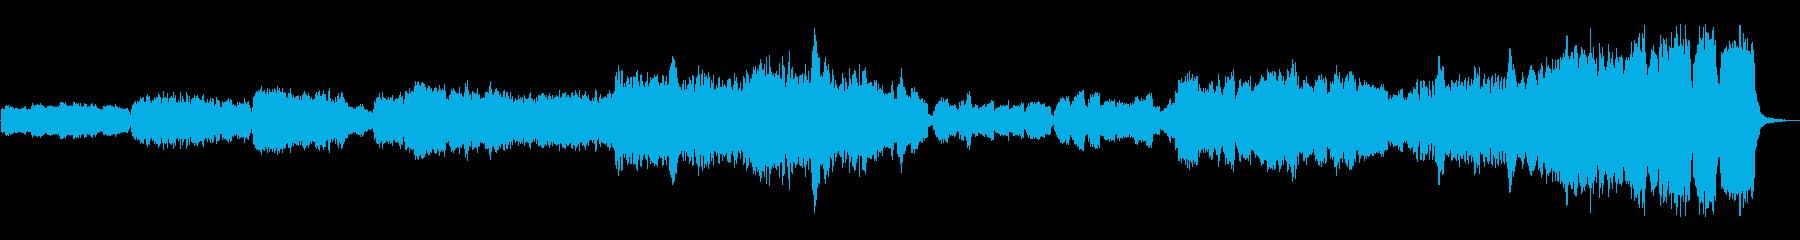 映像に使いやすいファンタジーで楽しい曲の再生済みの波形